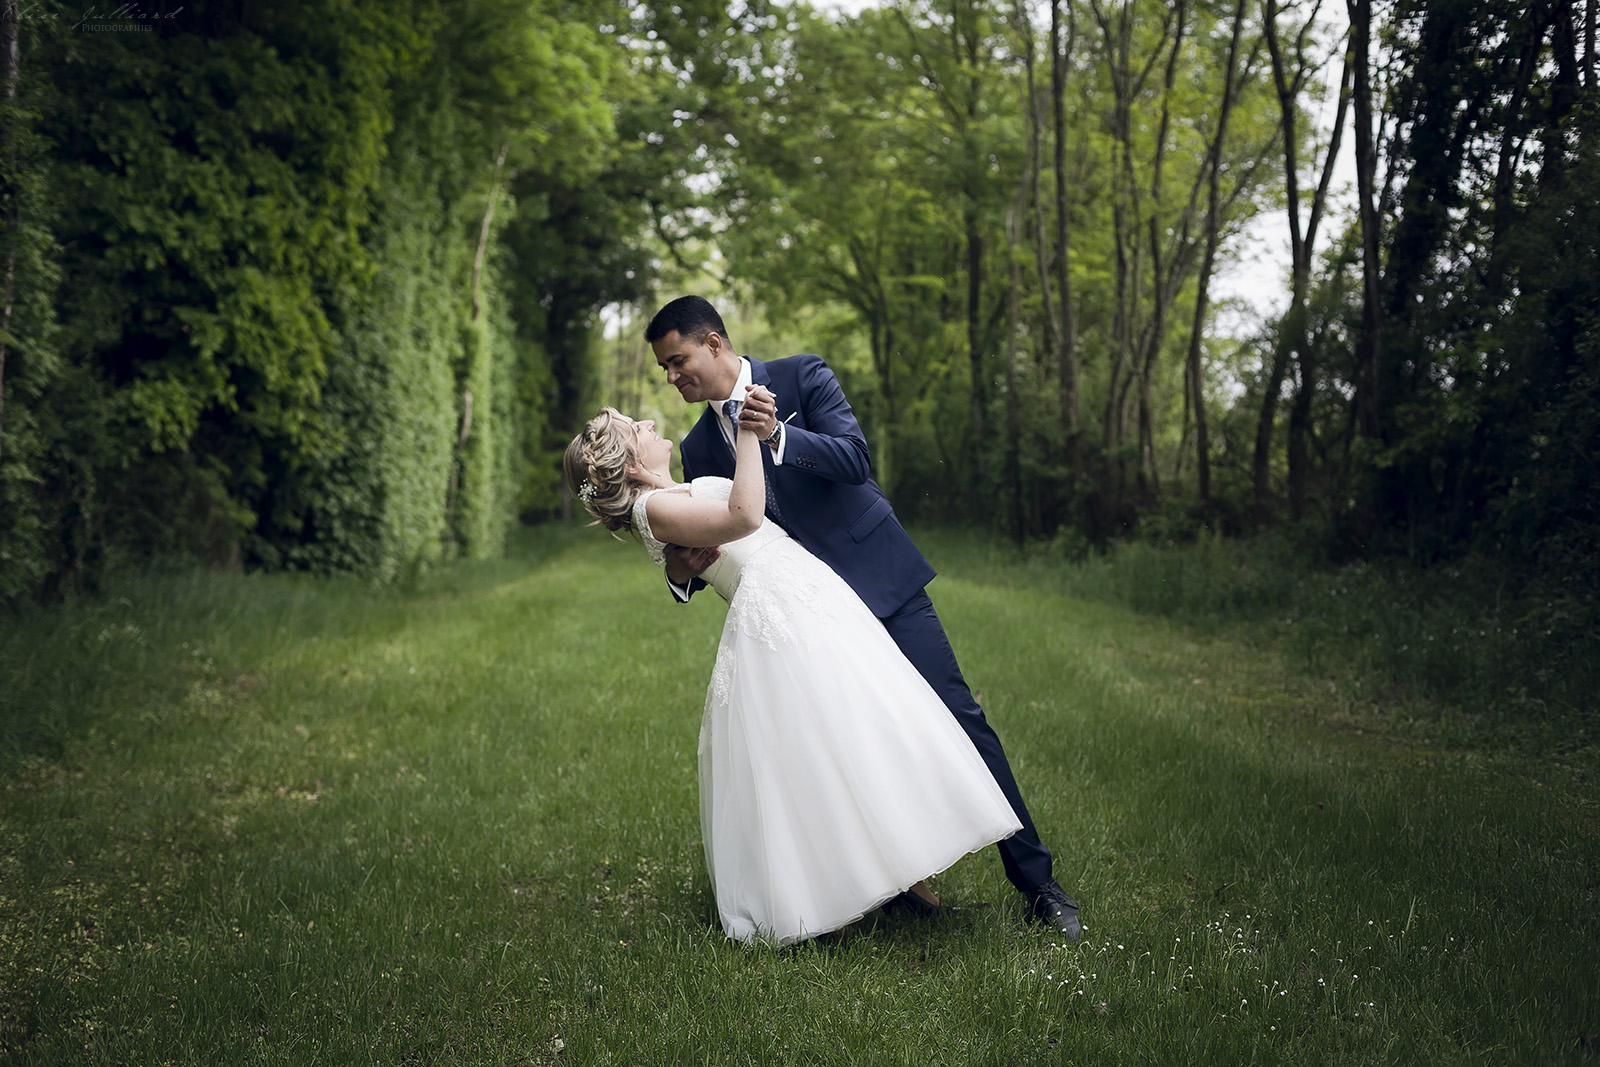 mariage-photographe-wedding-photographer-photo-seance-couple-shooting-lyon-bourg-en-bresse-auvergne-rhone-alpes-ain-domaine-des-batieres